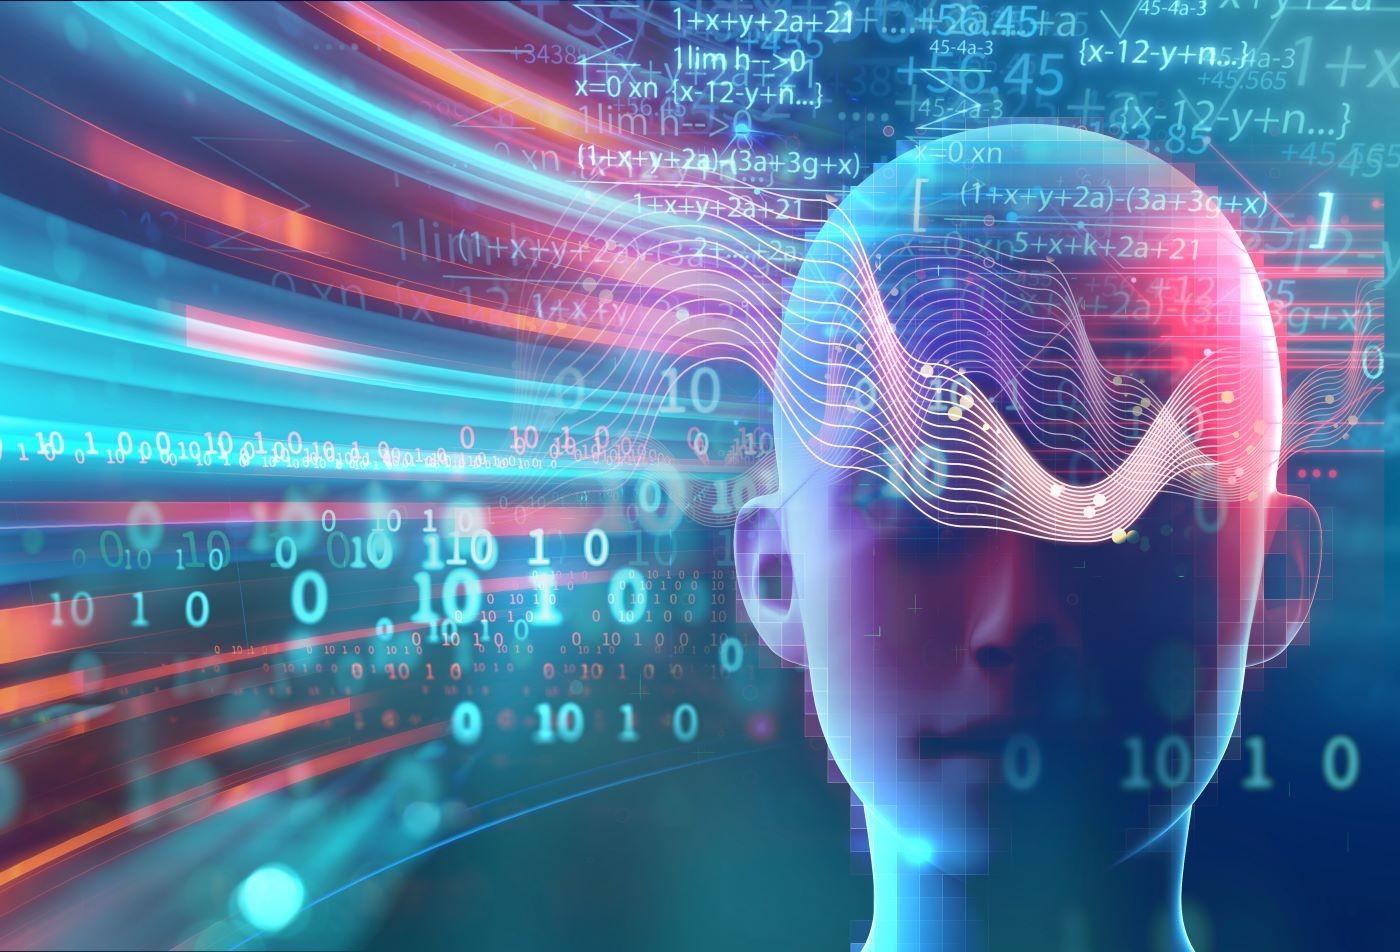 클라우드 기반 빅데이터 분석과 AI·머신러닝 활용한 비즈니스 성공법은?